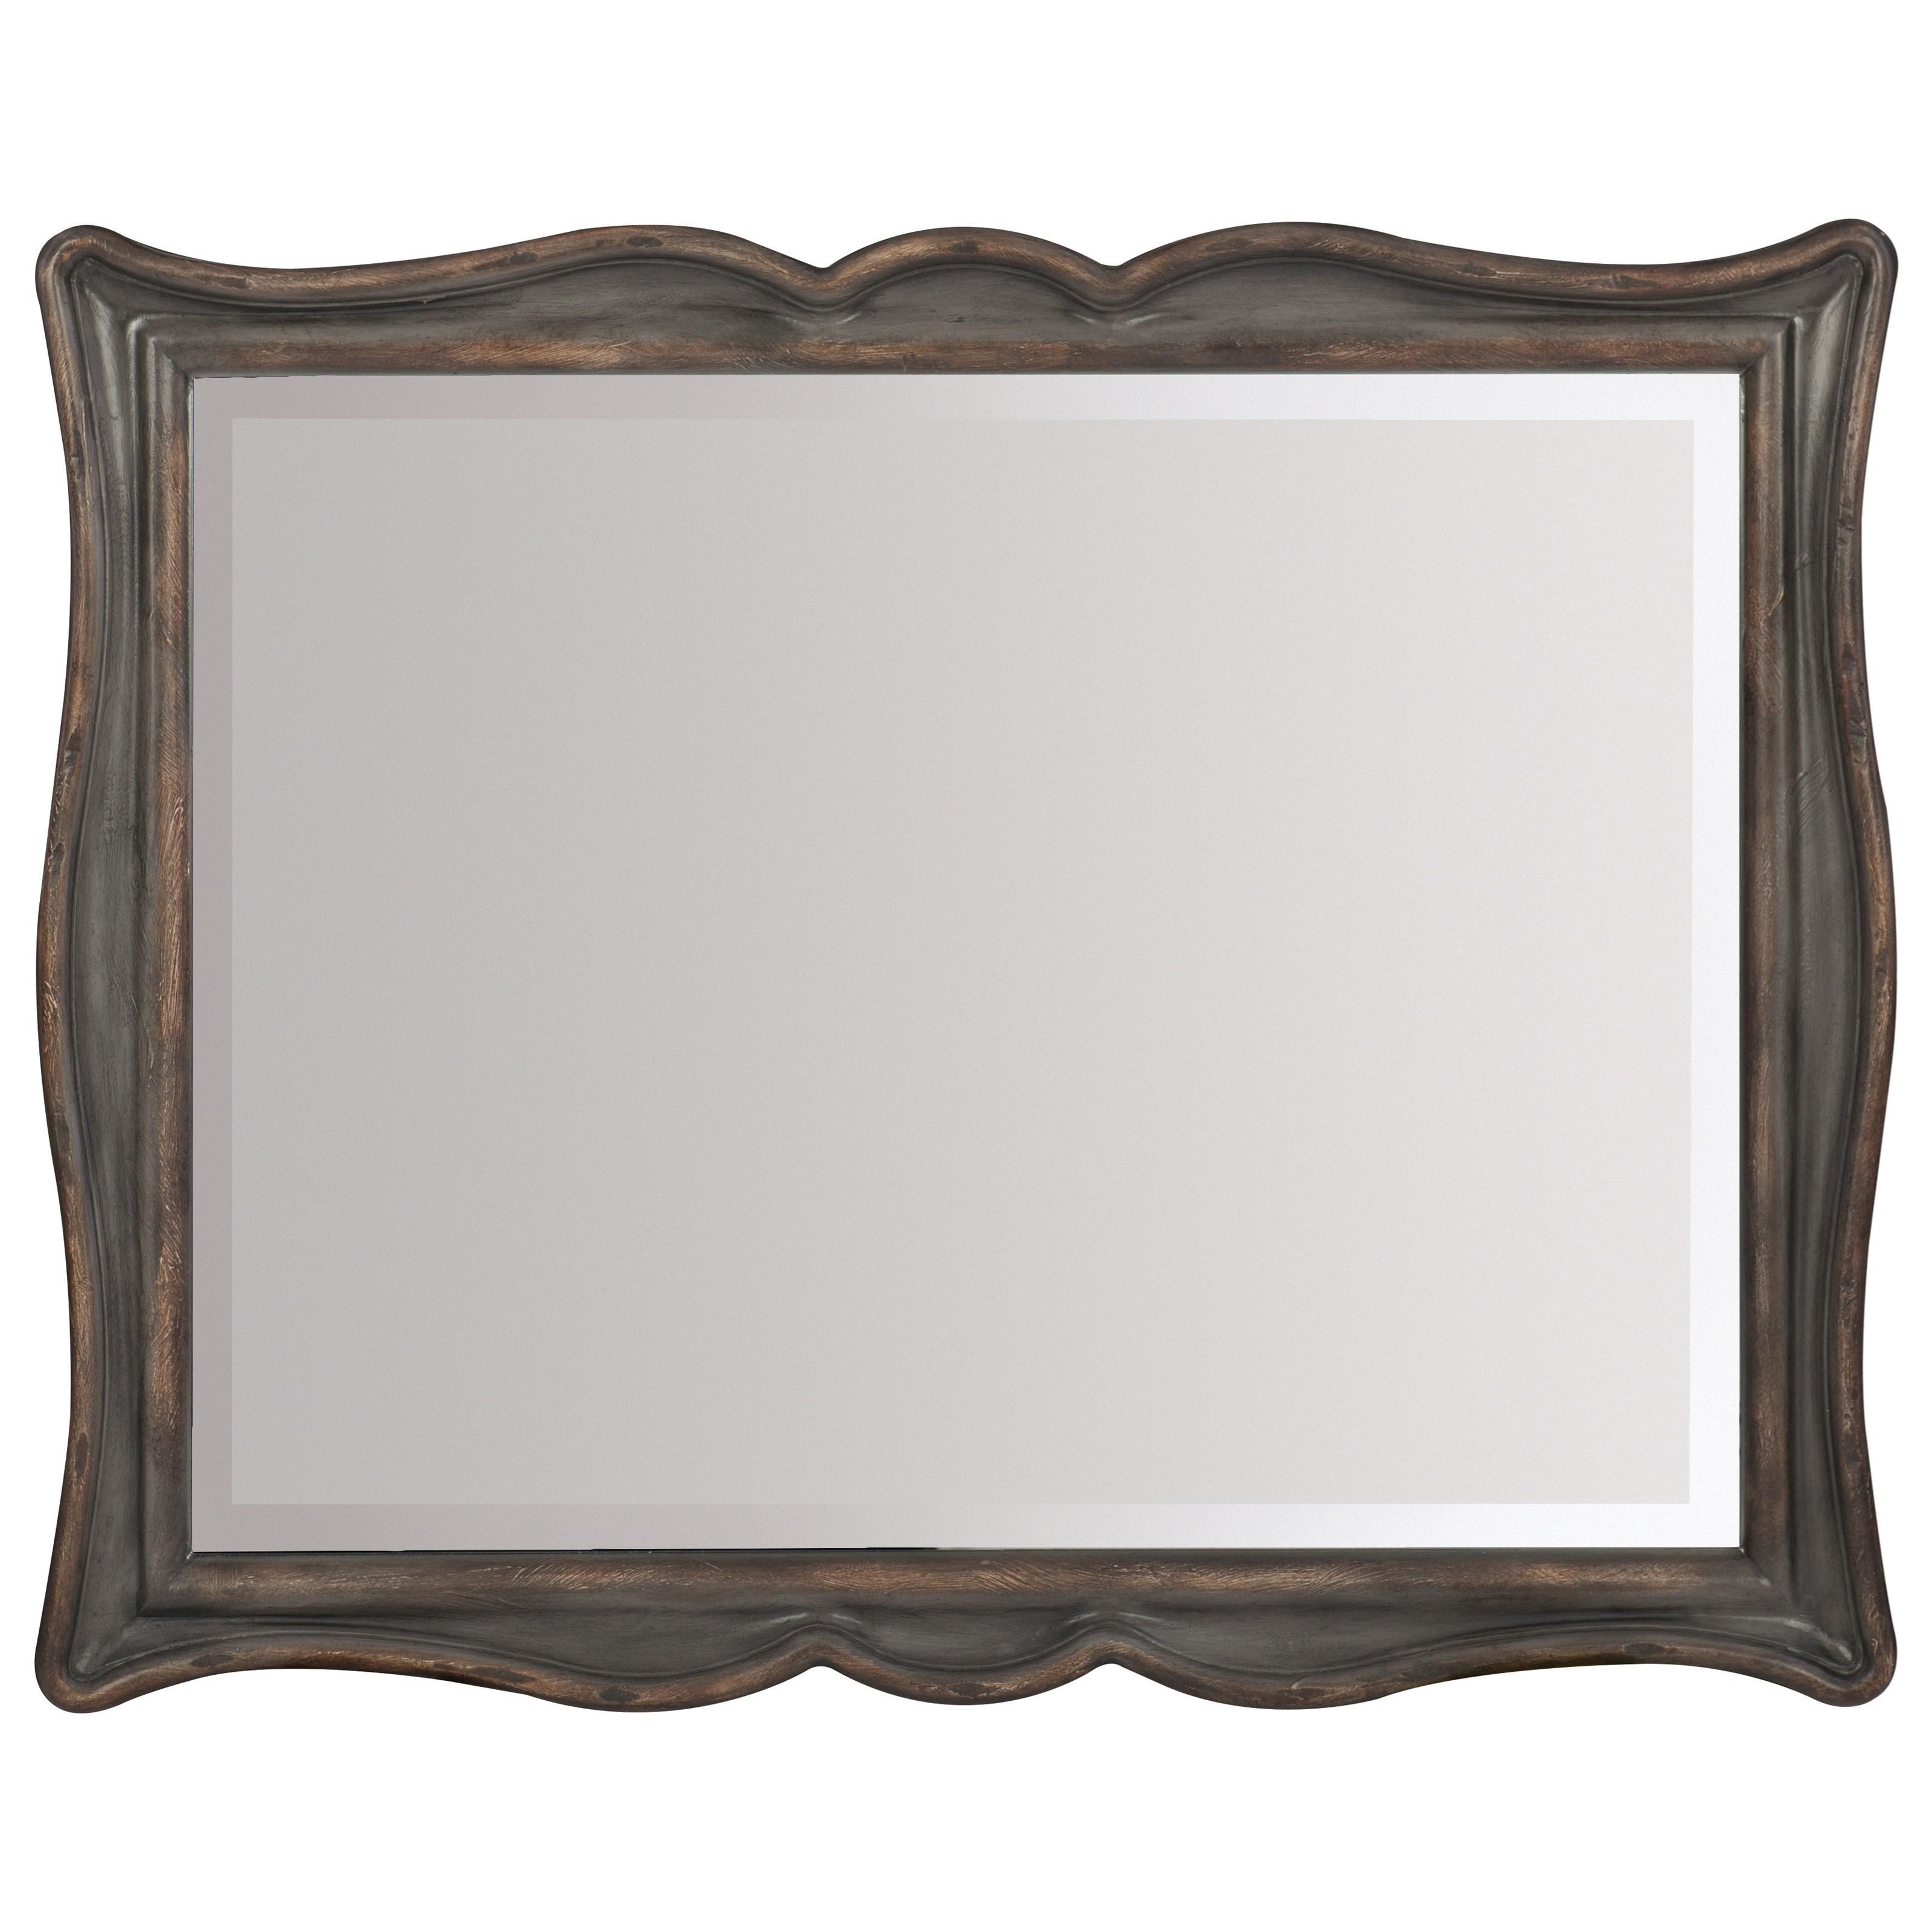 Hooker Furniture Arabella Landscape Mirror - Item Number: 1610-90009-GRY